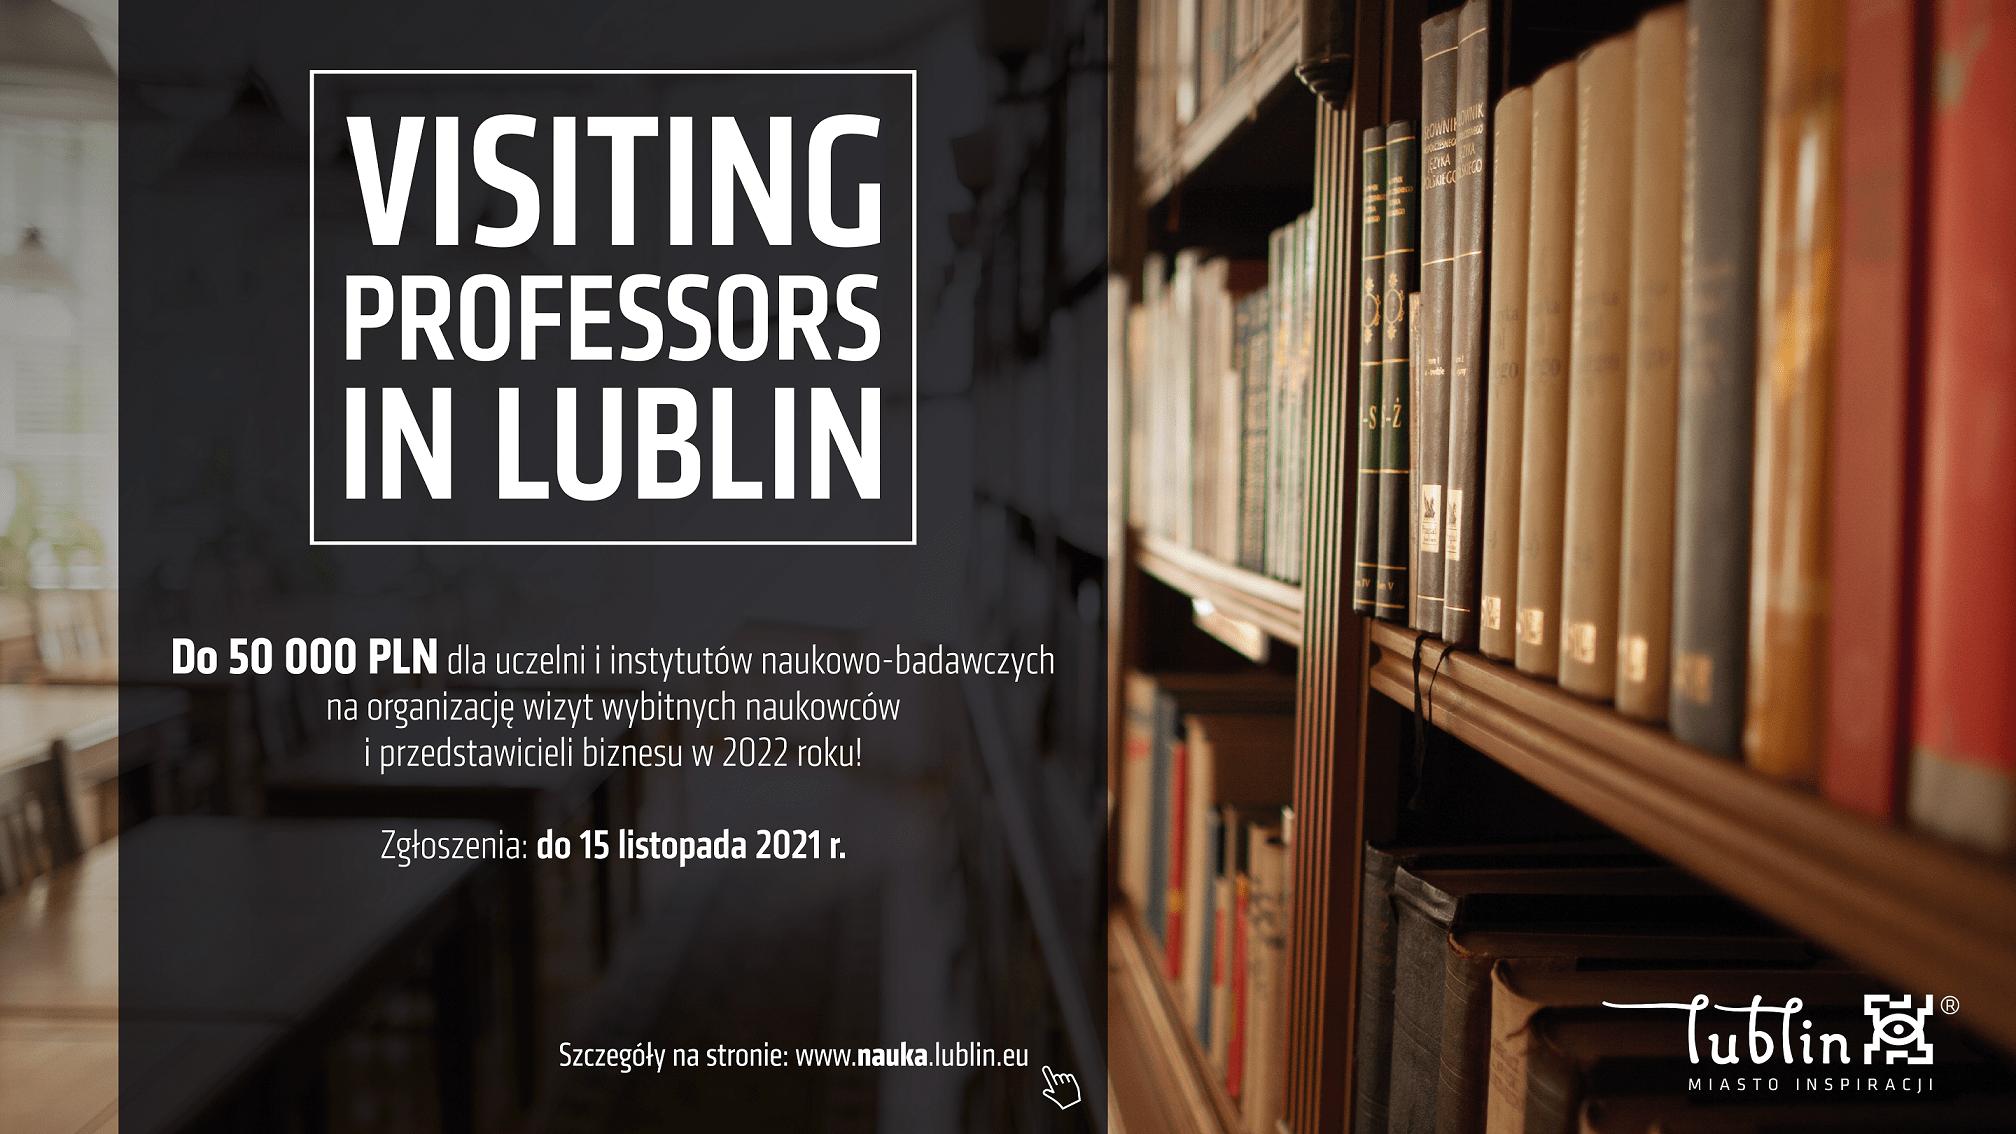 Lublin: Uczelnie będą mogły zapraszać ważnych naukowców i biznesmenów. Miasto wesprze je finansowo - Zdjęcie główne